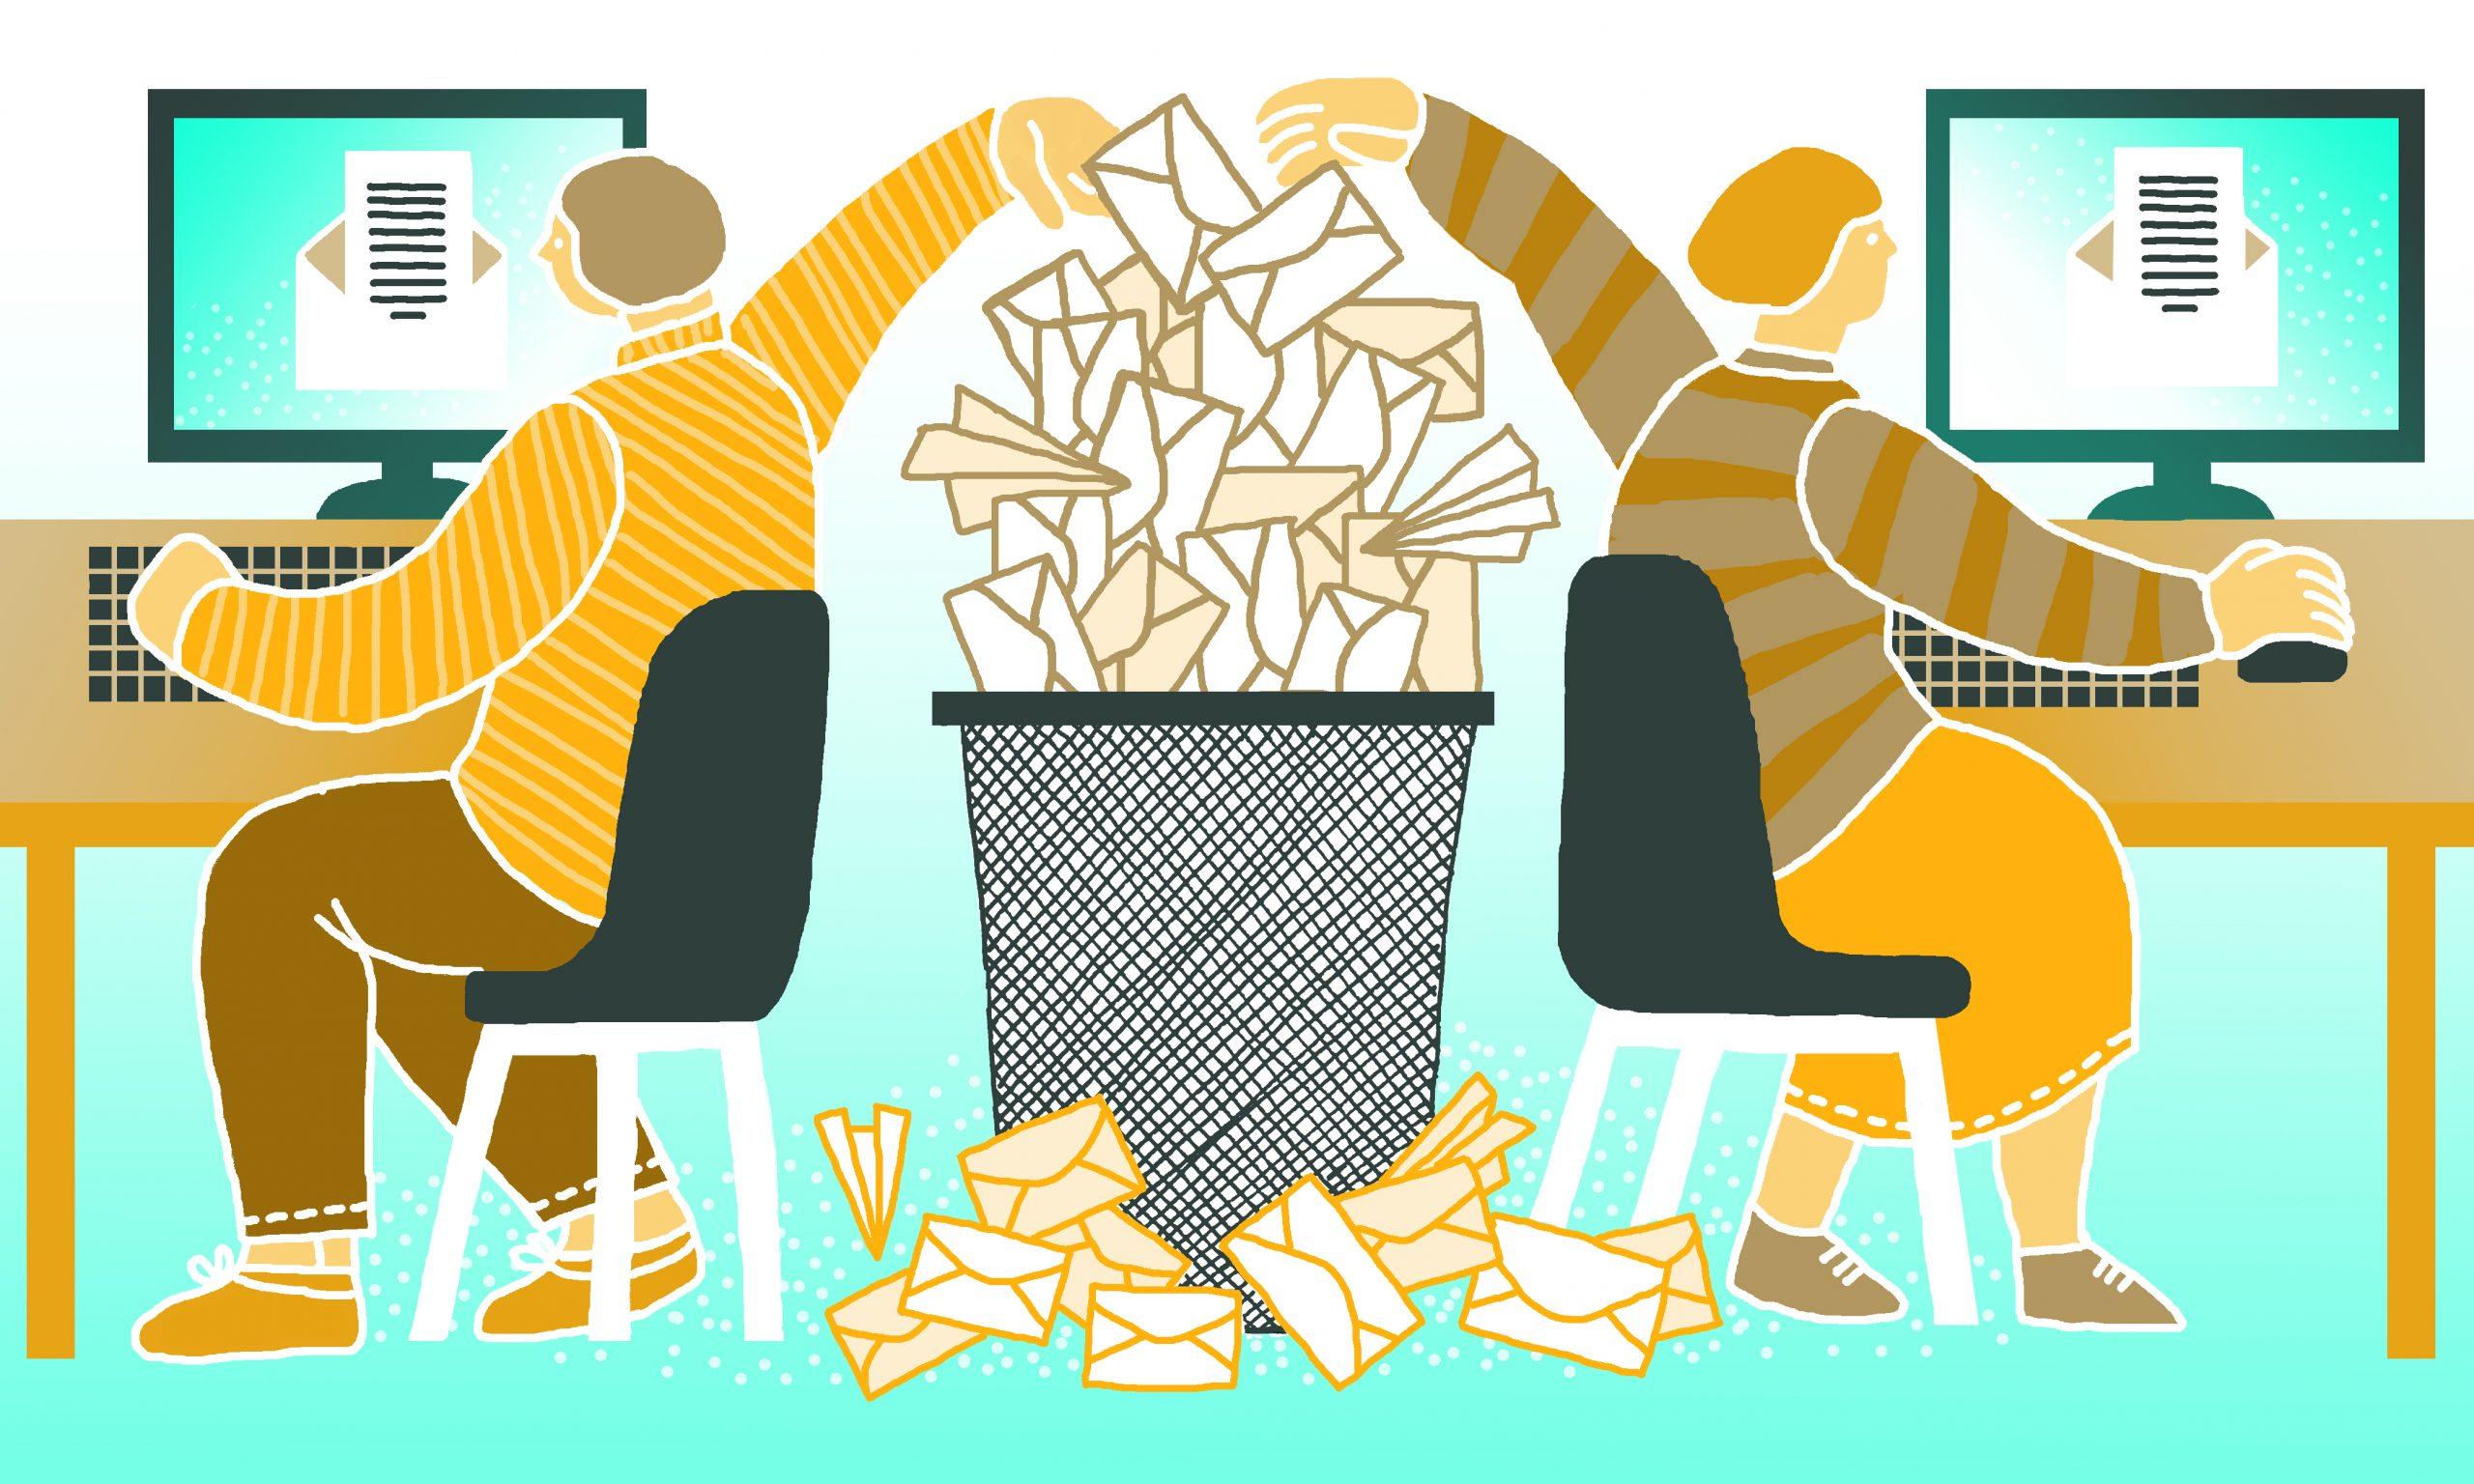 Гайд по холодным письмам: как писать первые сообщения и фолоу апы. Советы IT копирайтера